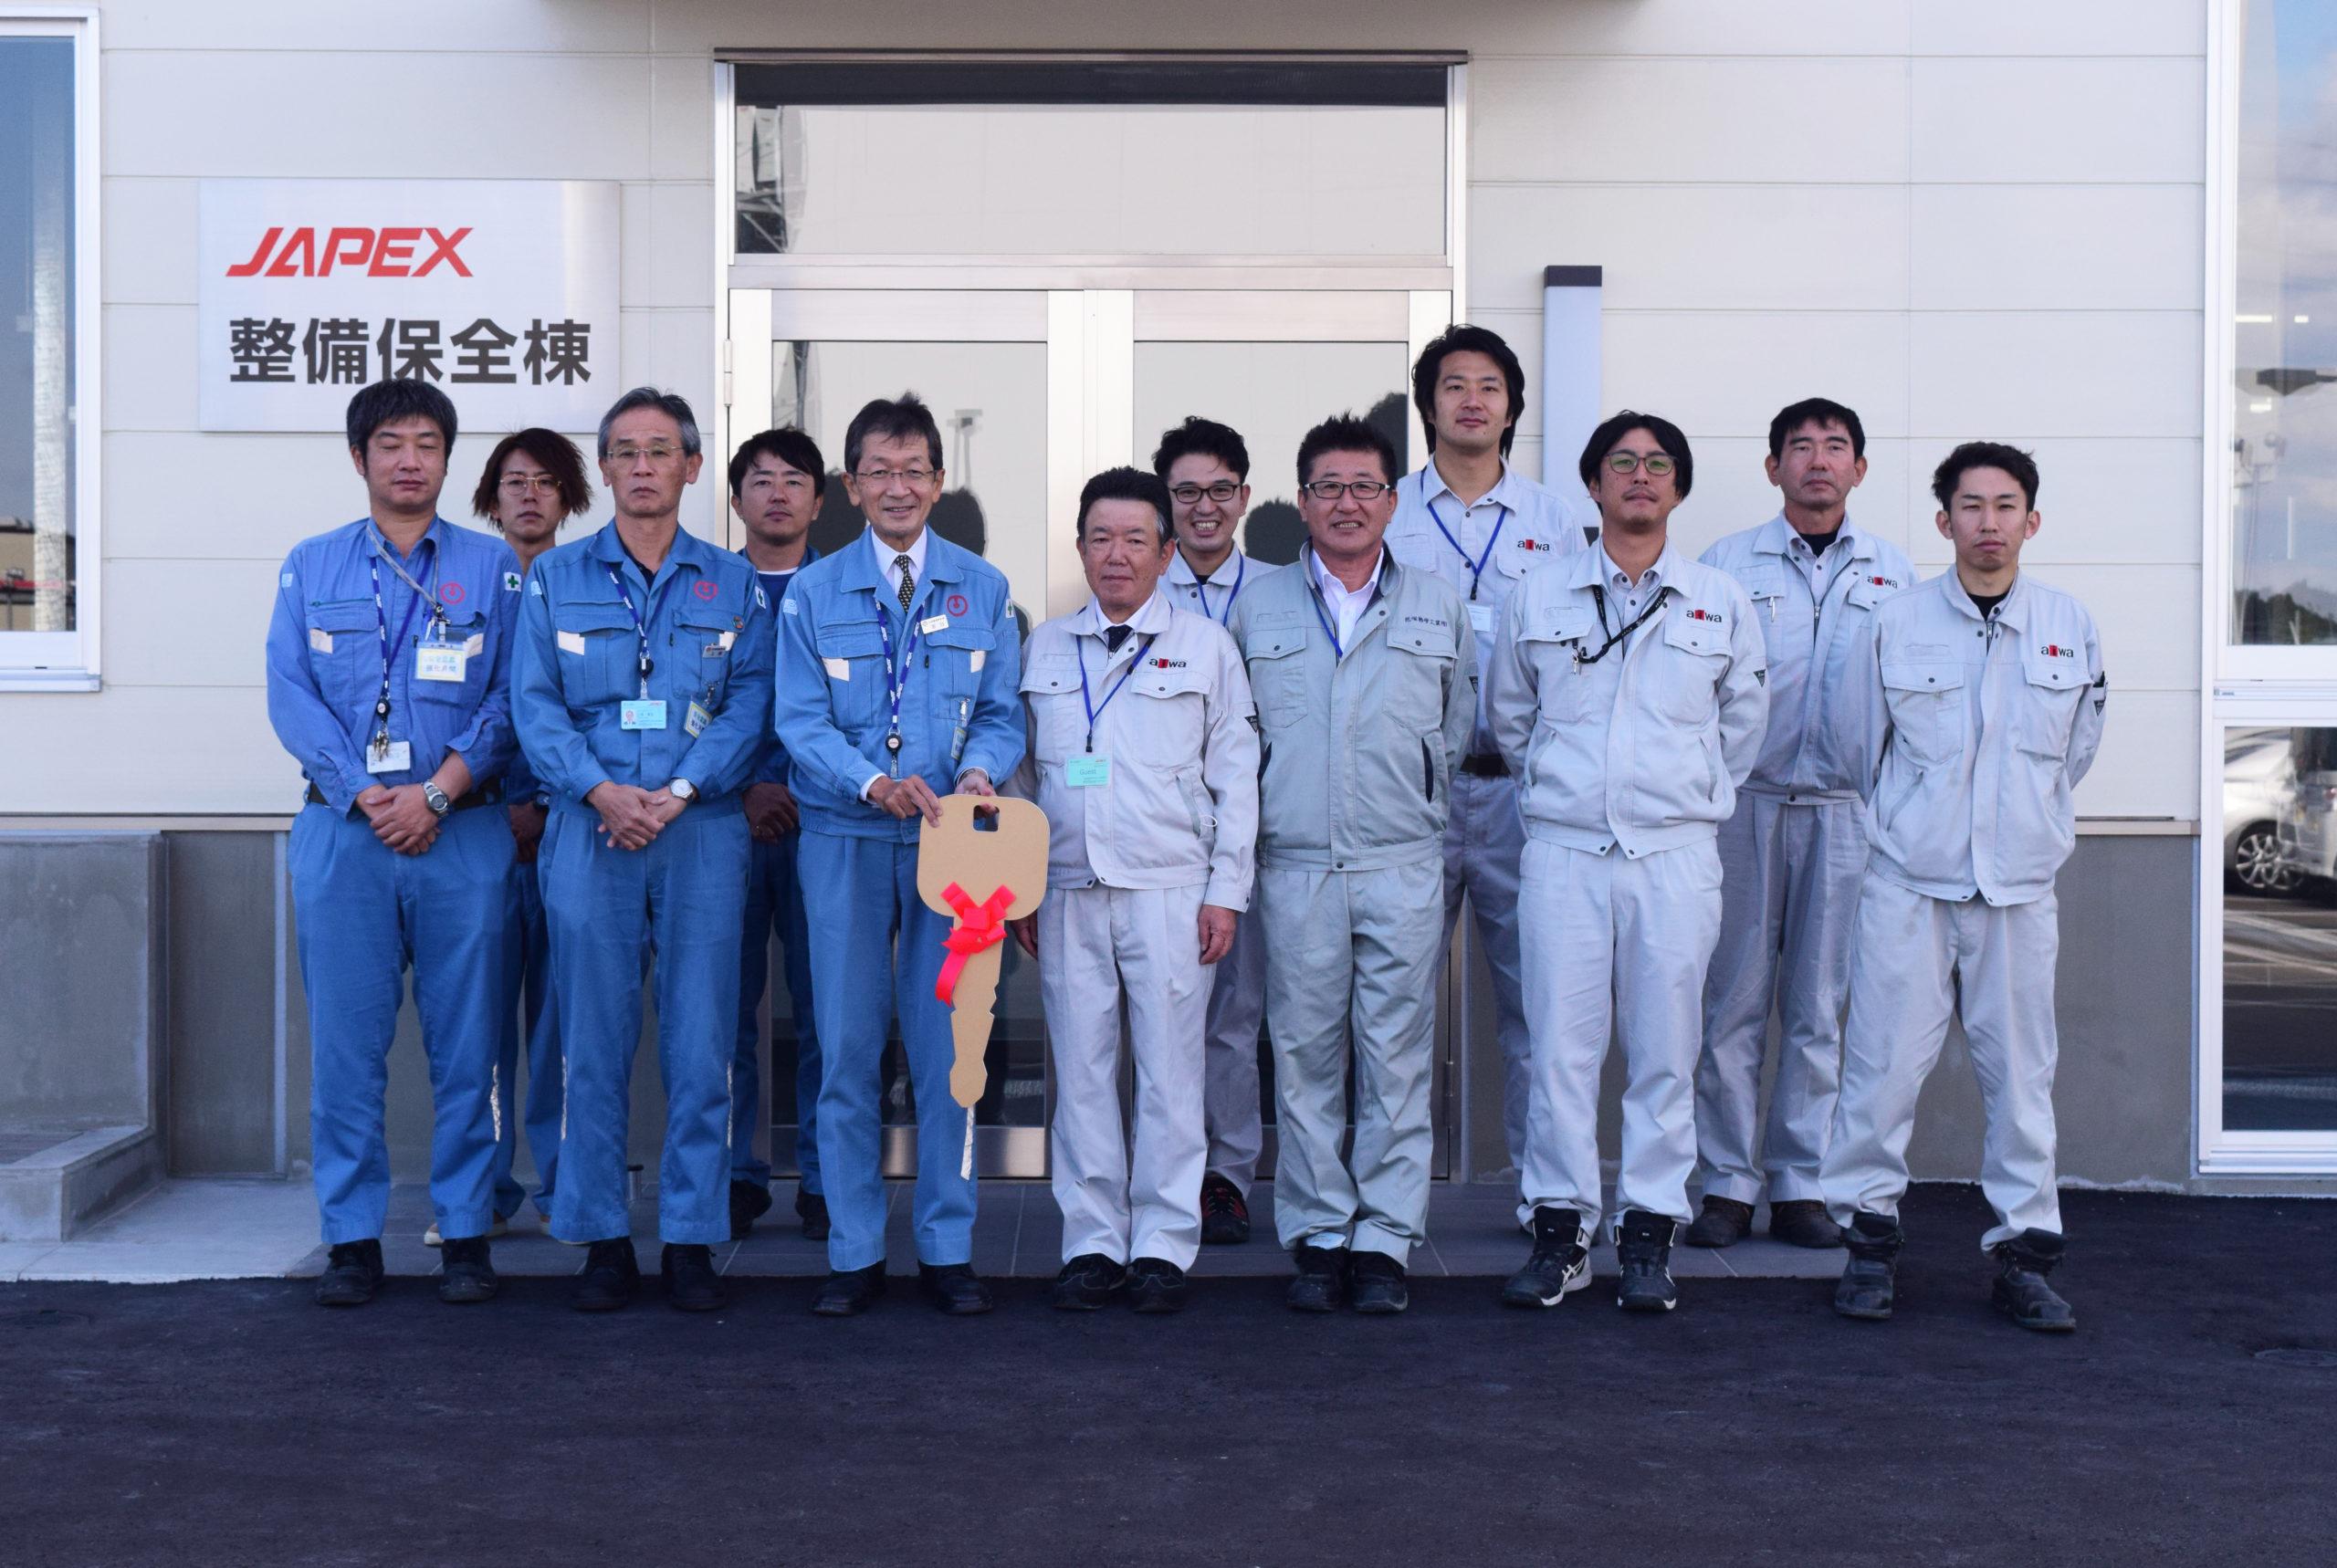 石油資源開発株式会社相馬事業所整備保全棟 お引渡し式を行いました。